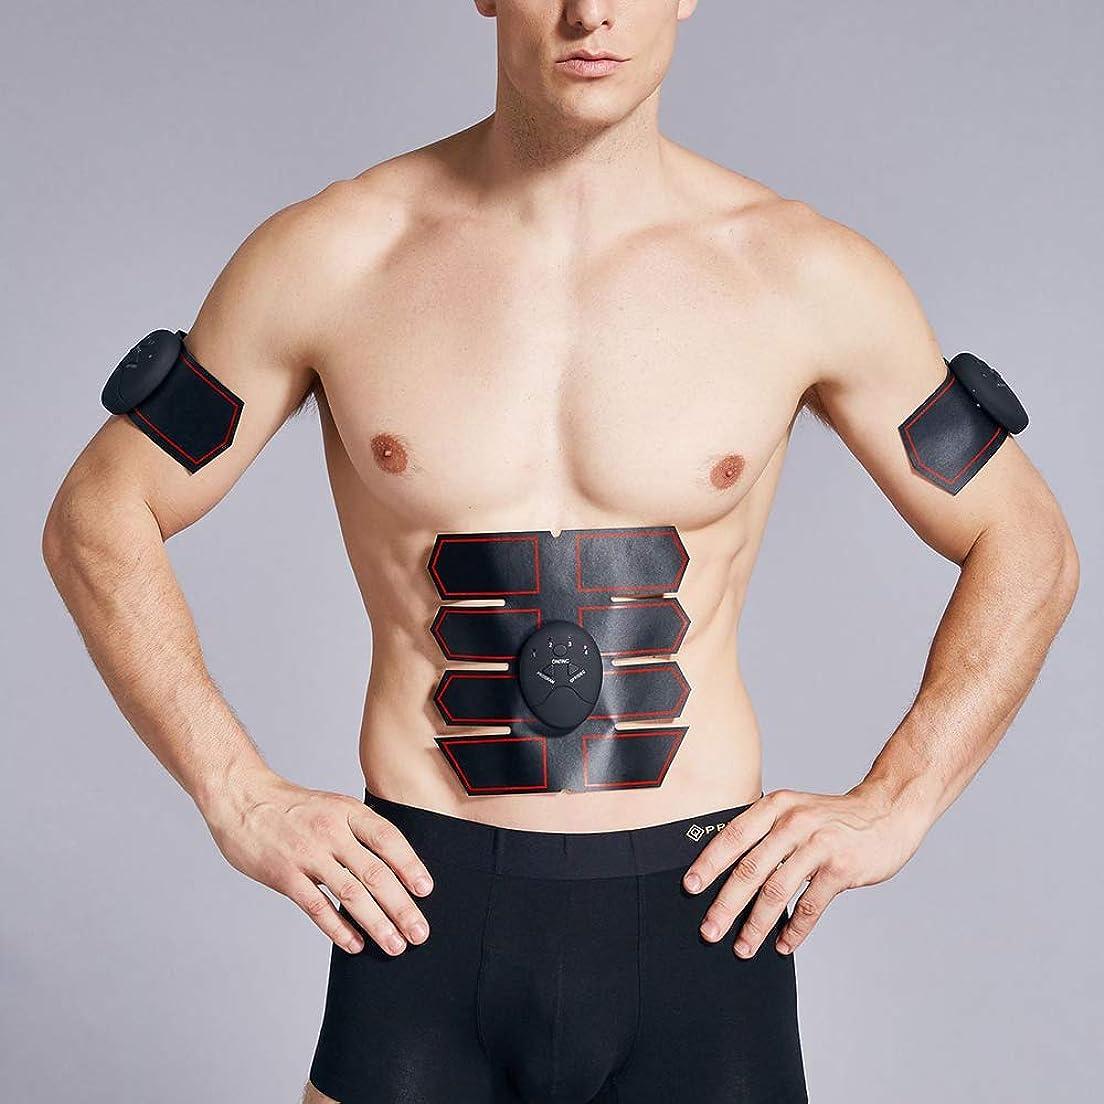 シリング最近フィードオン新しい腹筋トレーナーEMSワイヤレス筋肉刺激装置体重減少腹部トレーナー美容機全身マッサージエクササイズフィットネス機器ユニセックス,Black